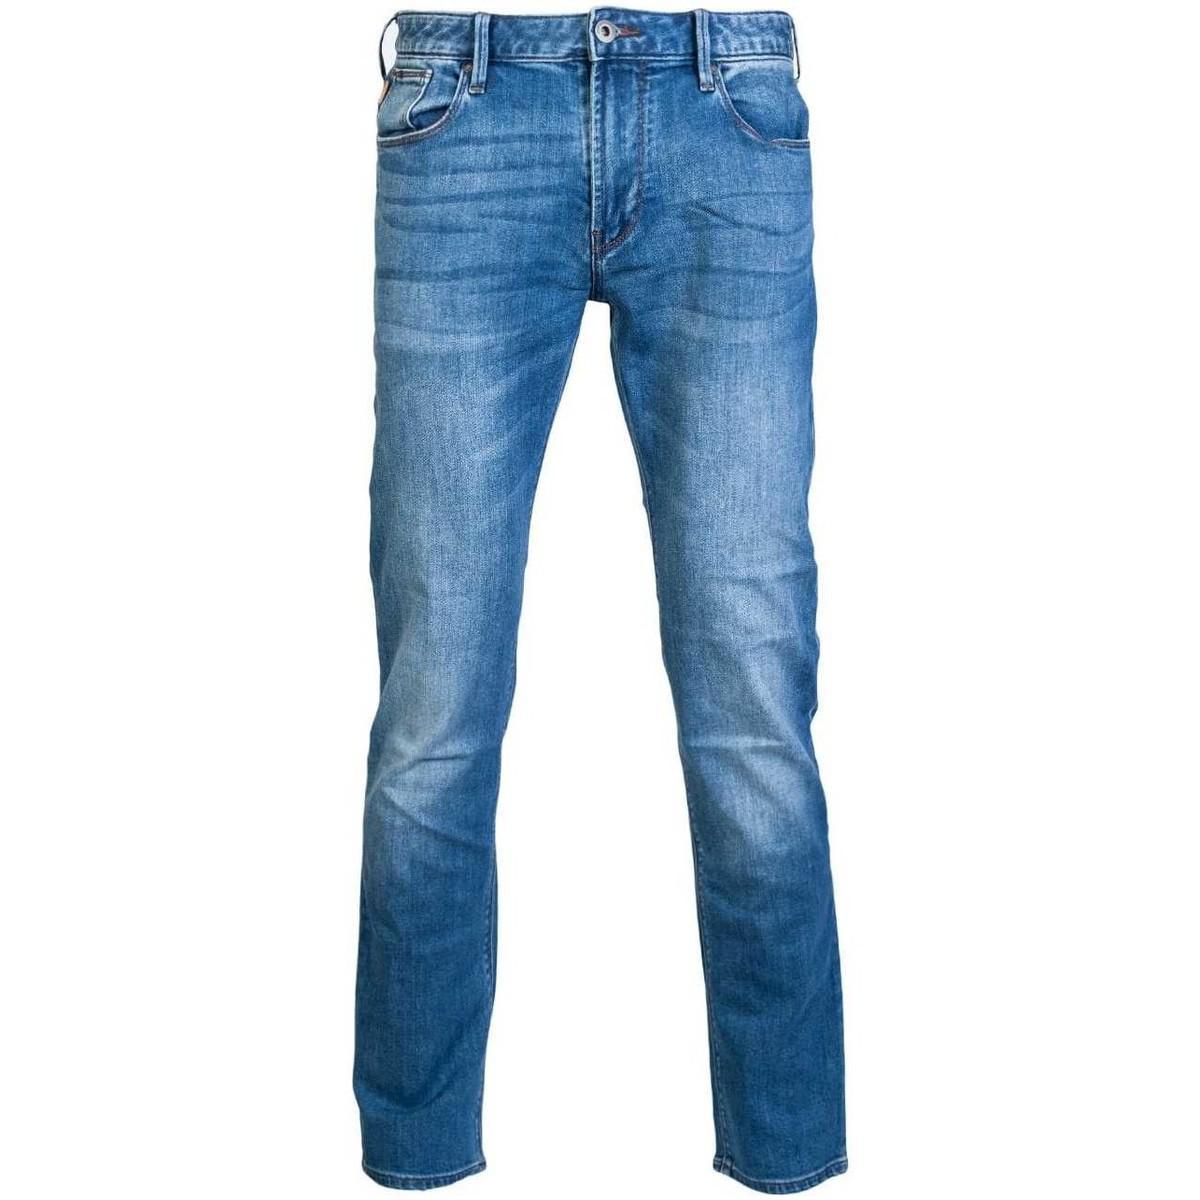 c9f64b86d6b Tap to visit site. Armani - Jeans Denim J06 Slim Fit 3z1j06 1dlrz Men's  Skinny Jeans In ...